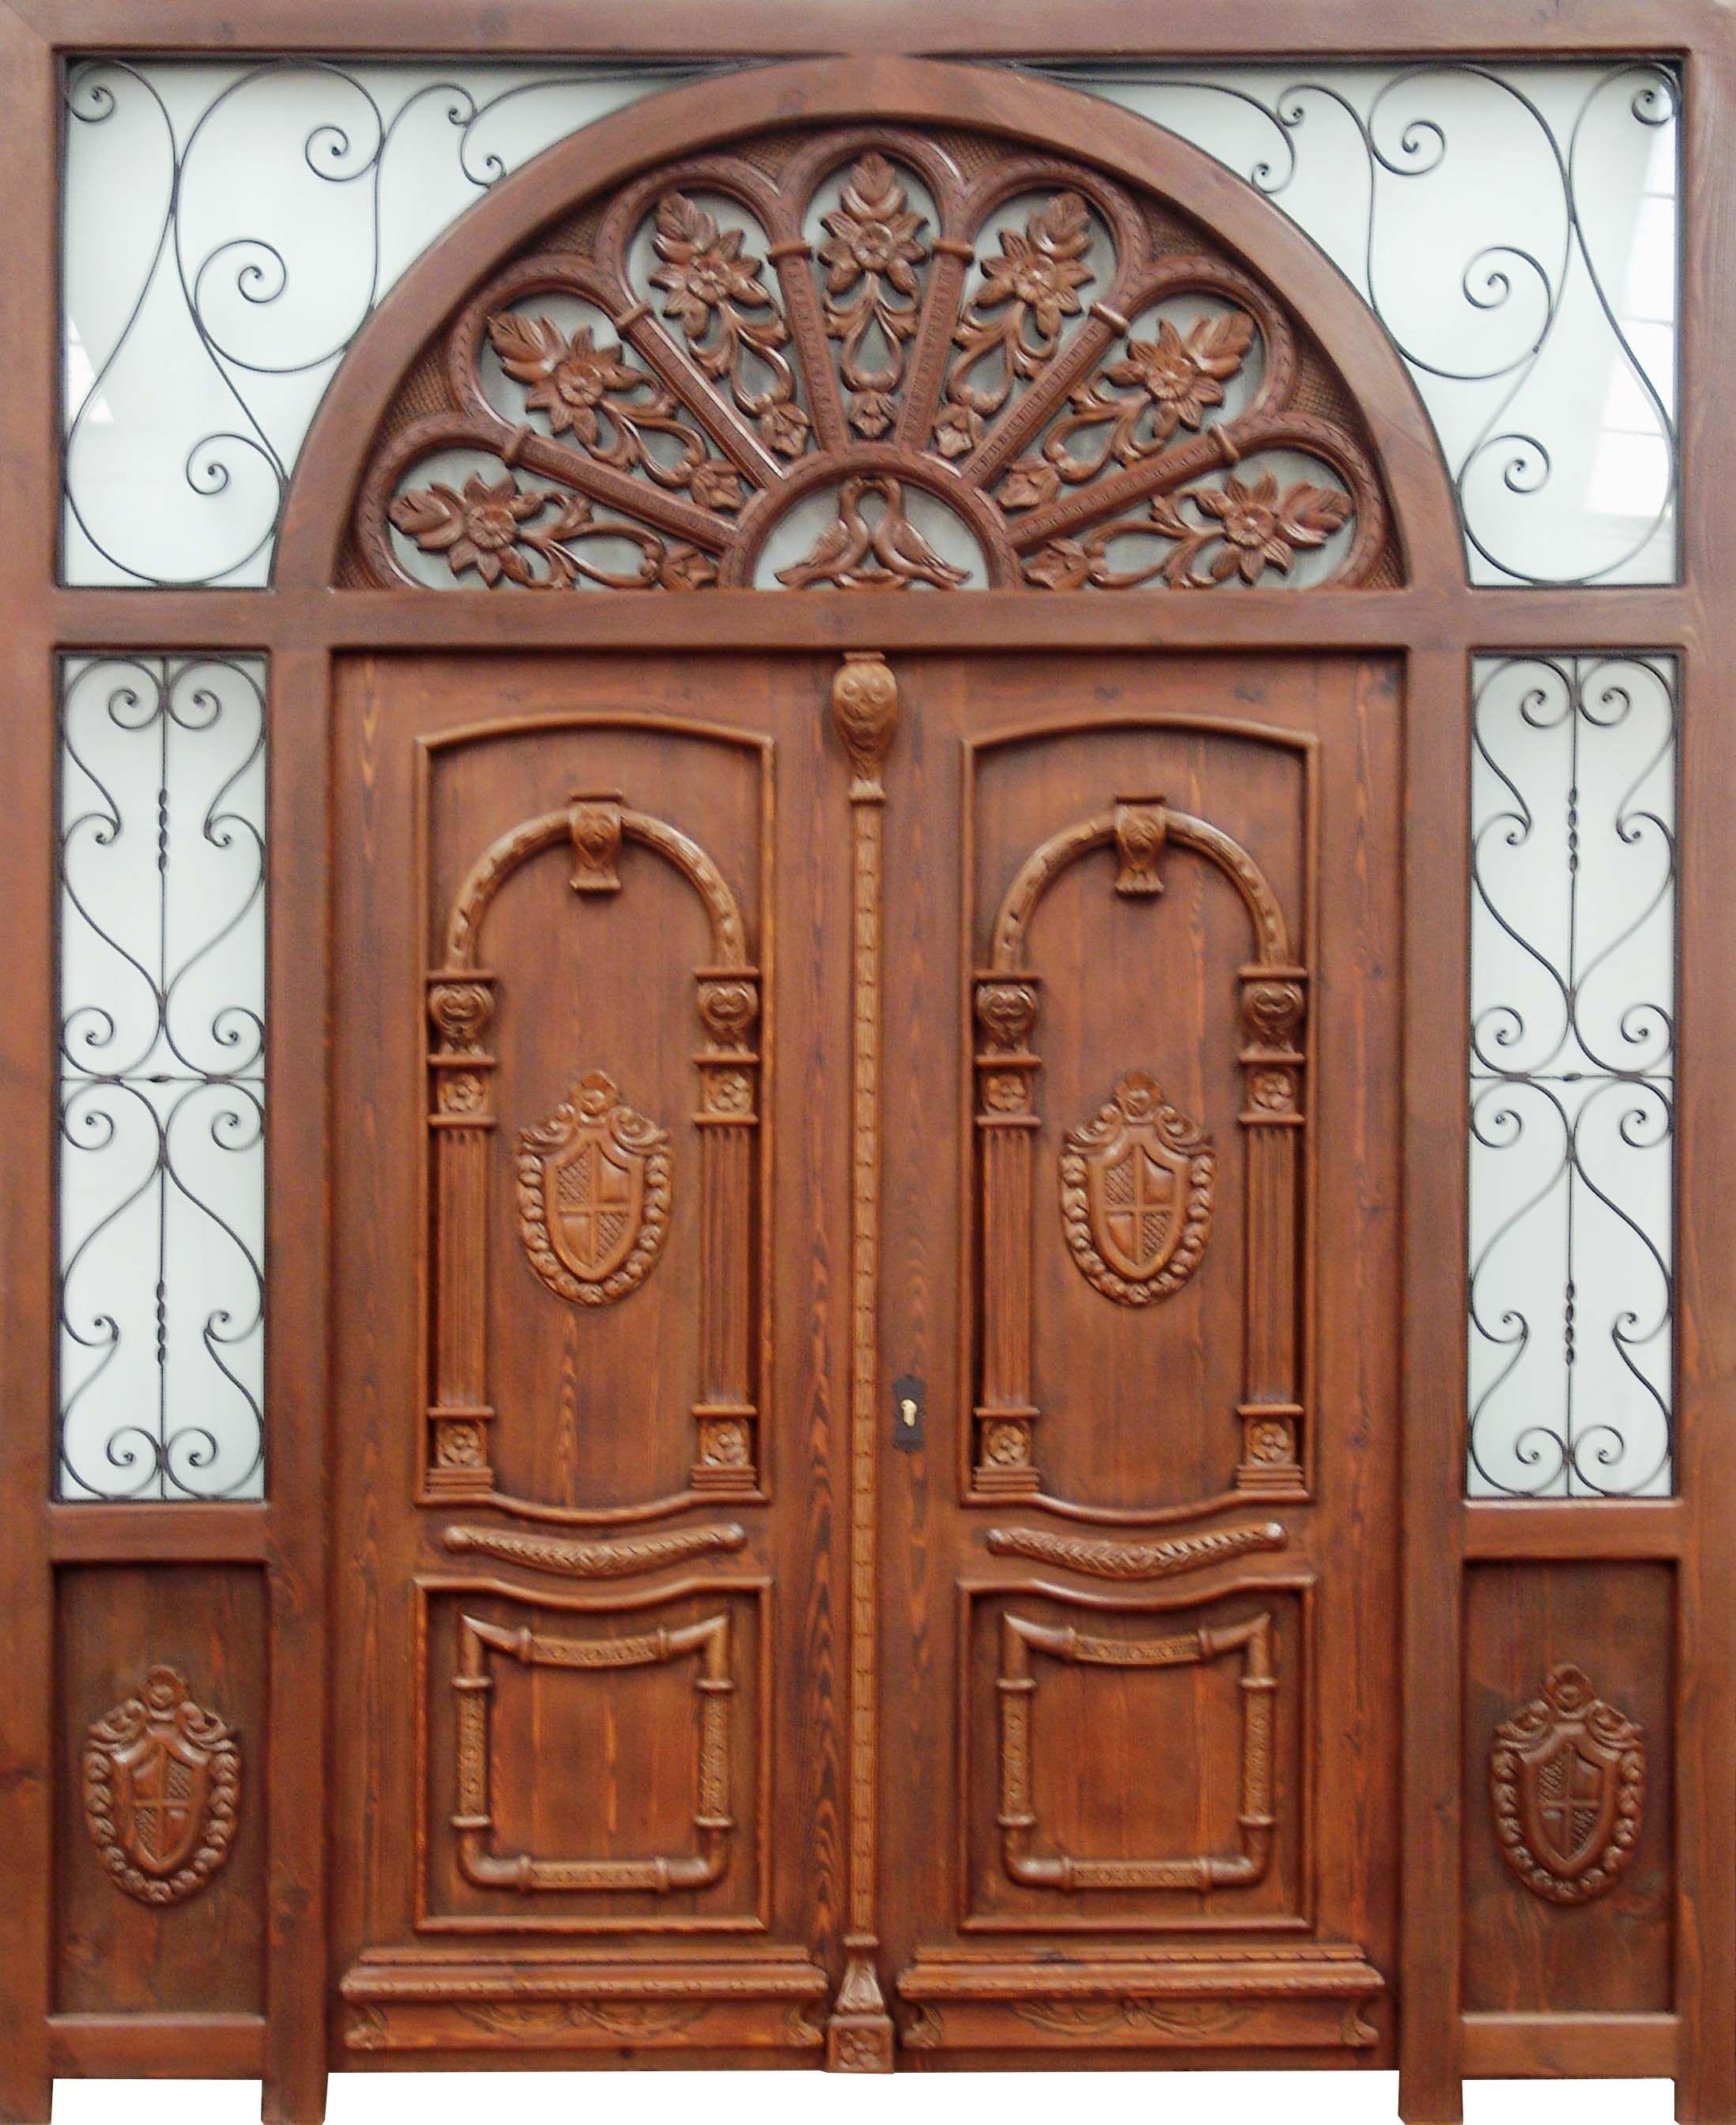 Barcelona en 2019 hogar puertas de dos hojas puertas - Puertas madera barcelona ...